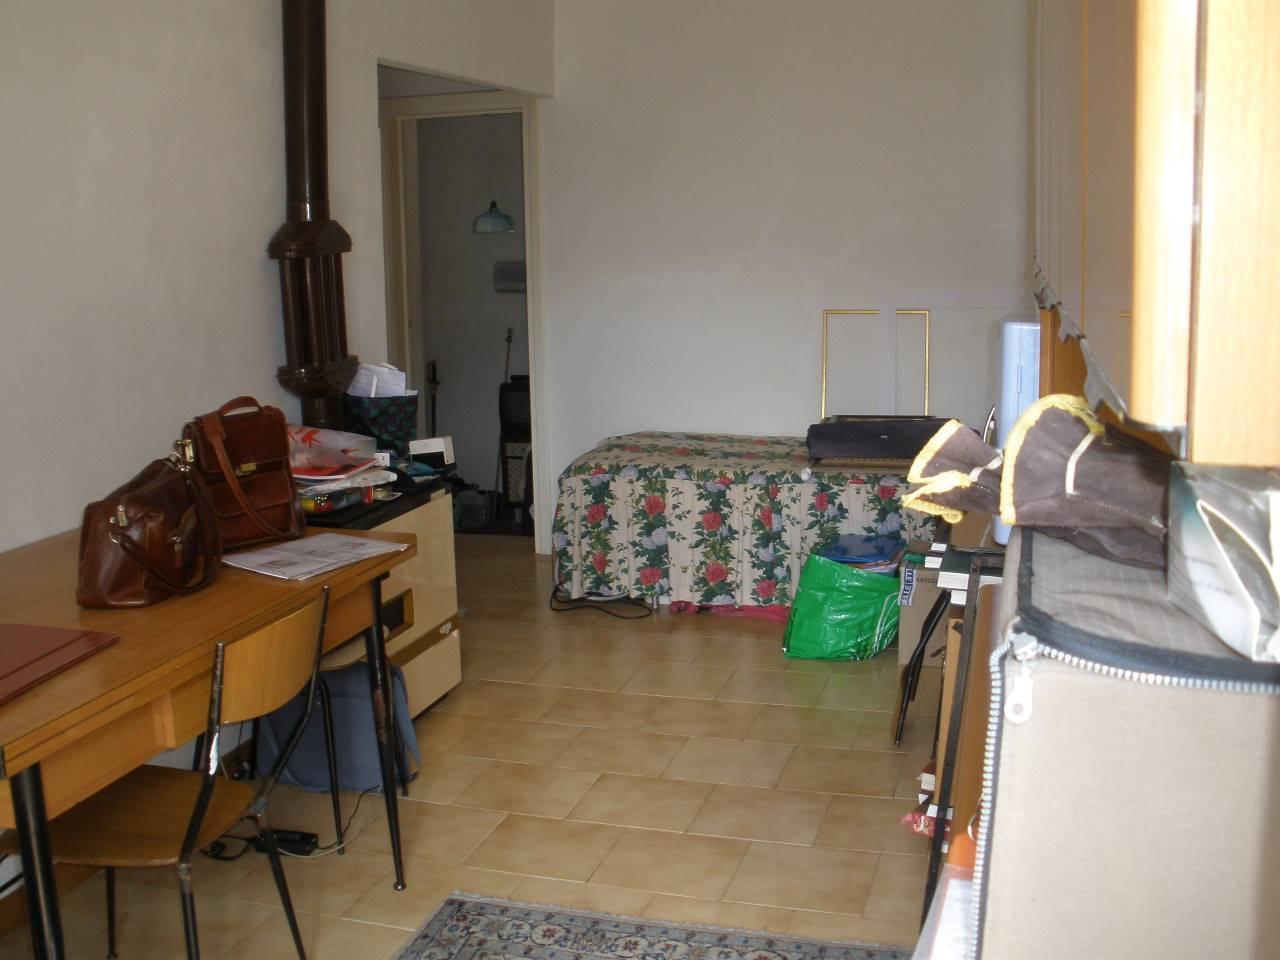 Appartamento in vendita a Montecatini Val di Cecina, 3 locali, zona Zona: Sassa, Trattative riservate | CambioCasa.it